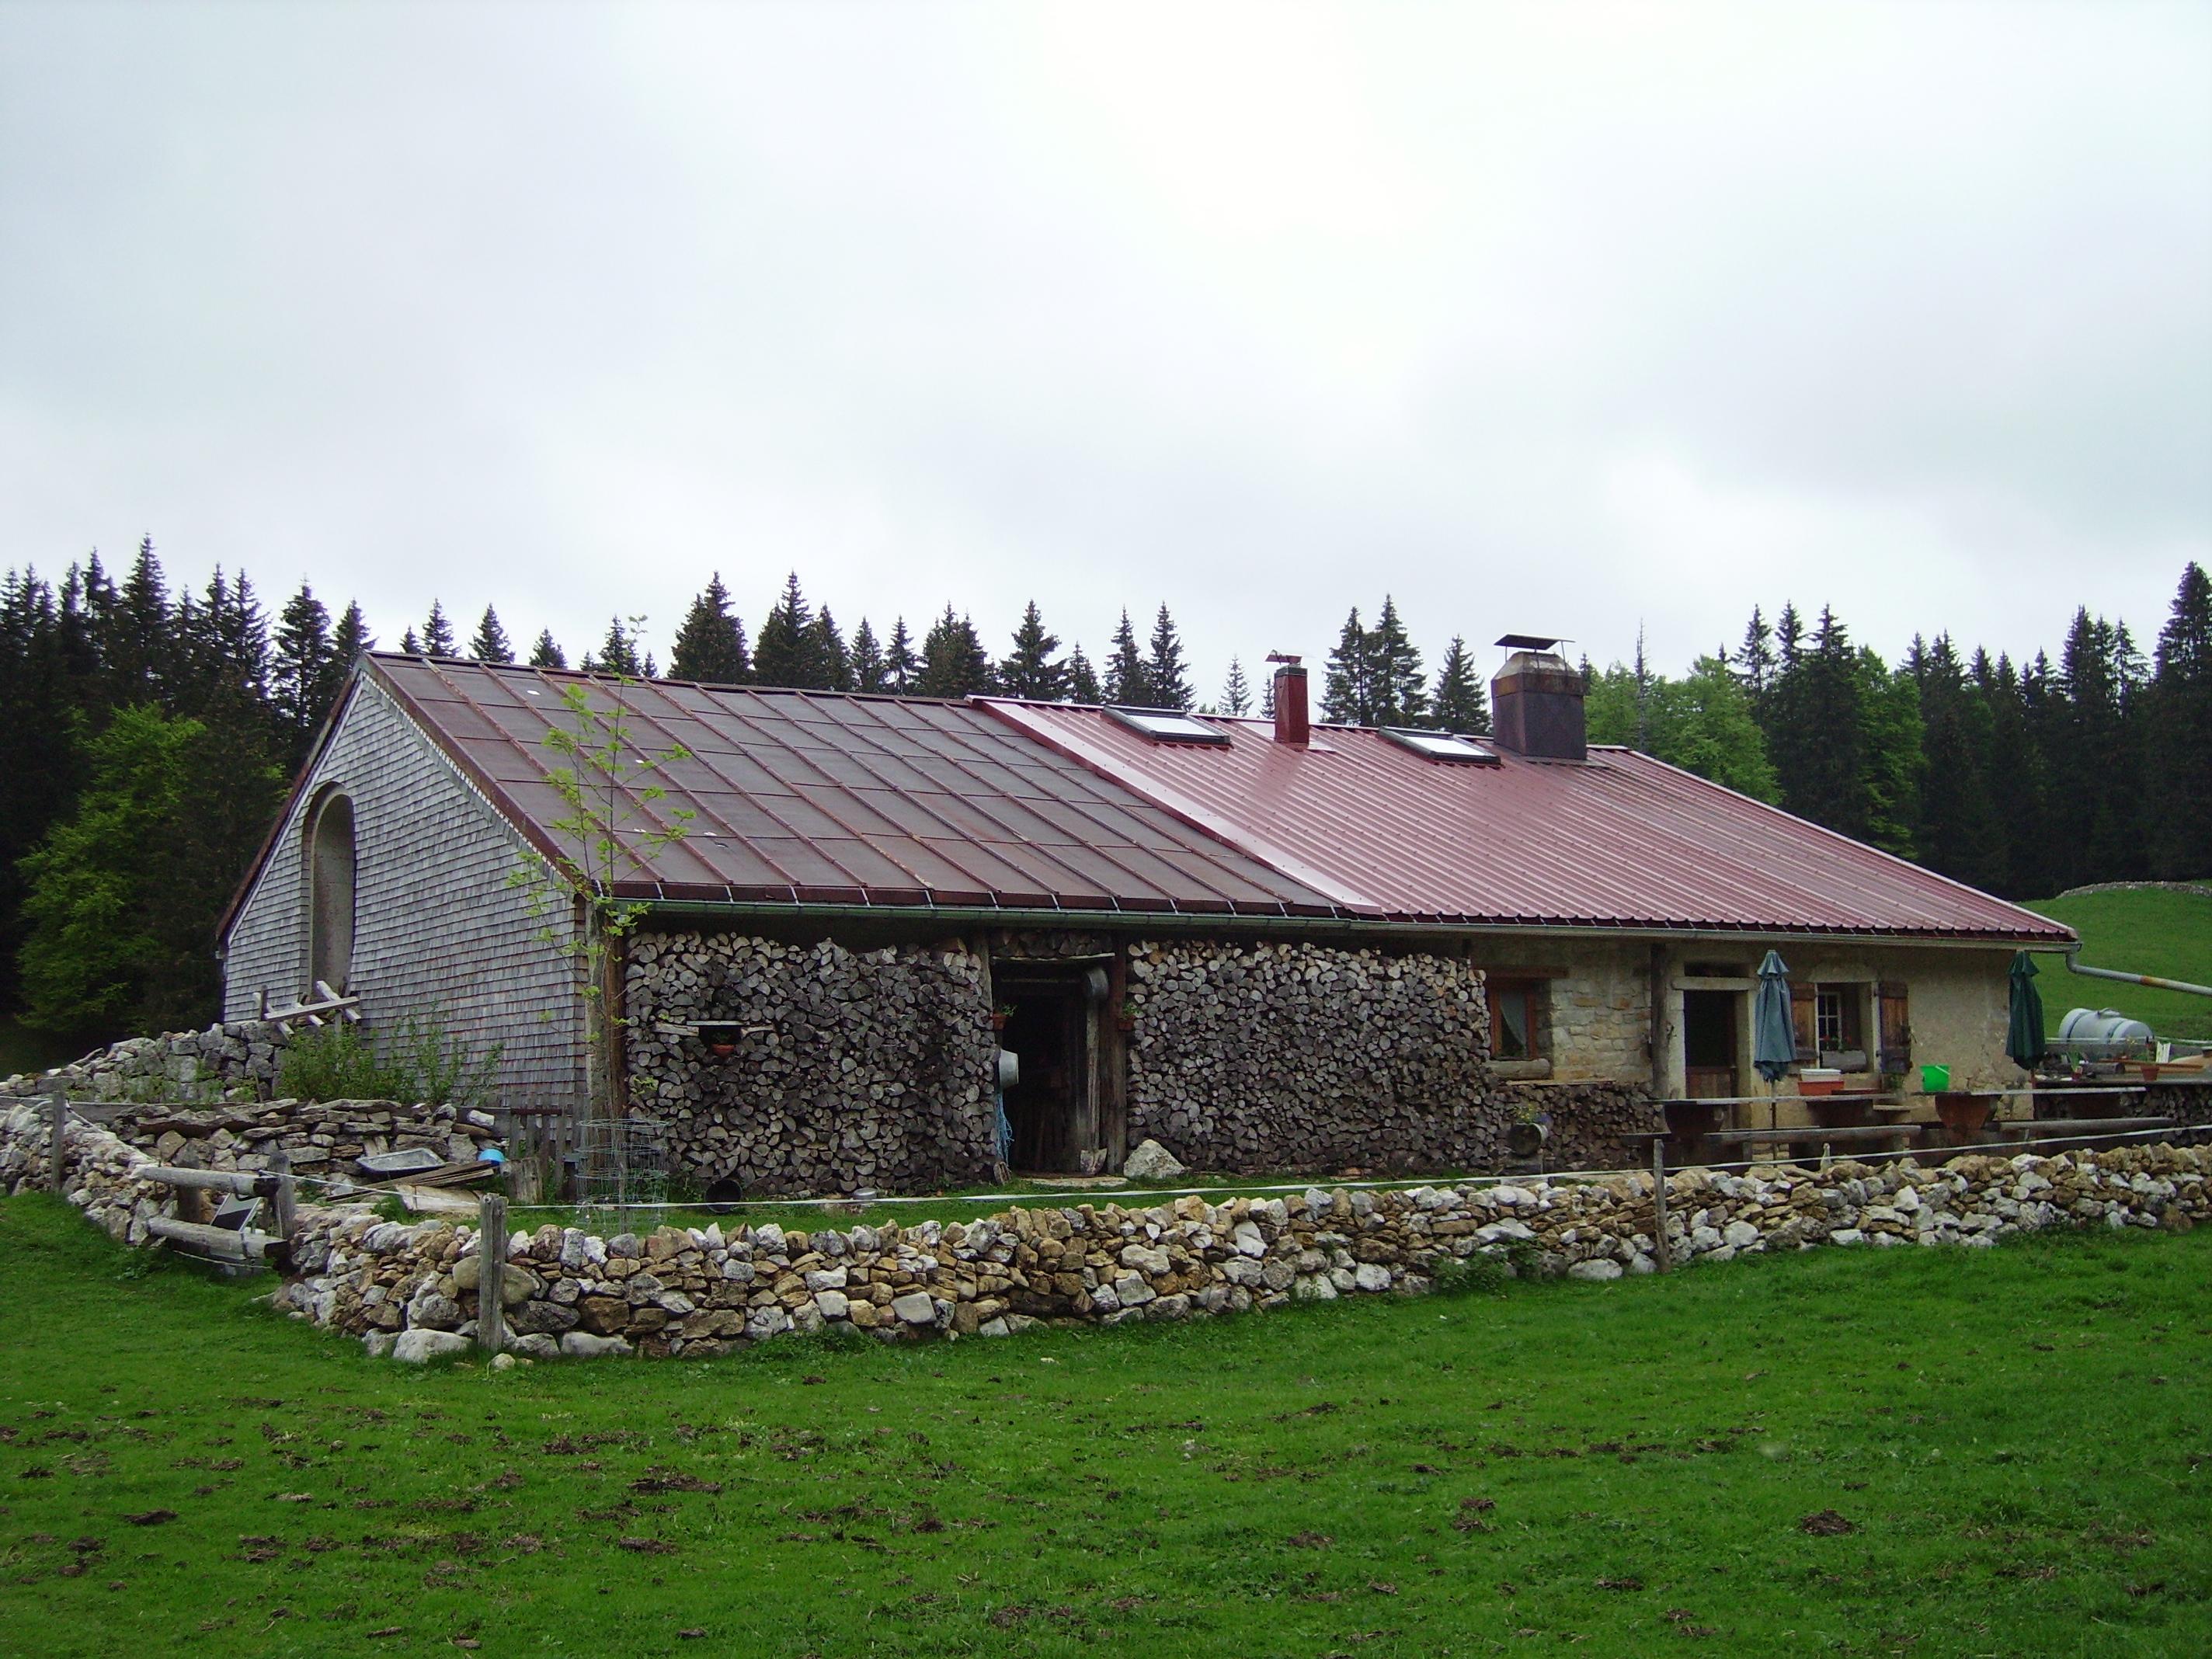 Quelque peu retirée, cette maison est auto suffisante: pas d'électricité sinon photovoltaique, eau du puit, chauffage bois, potager, volailles...